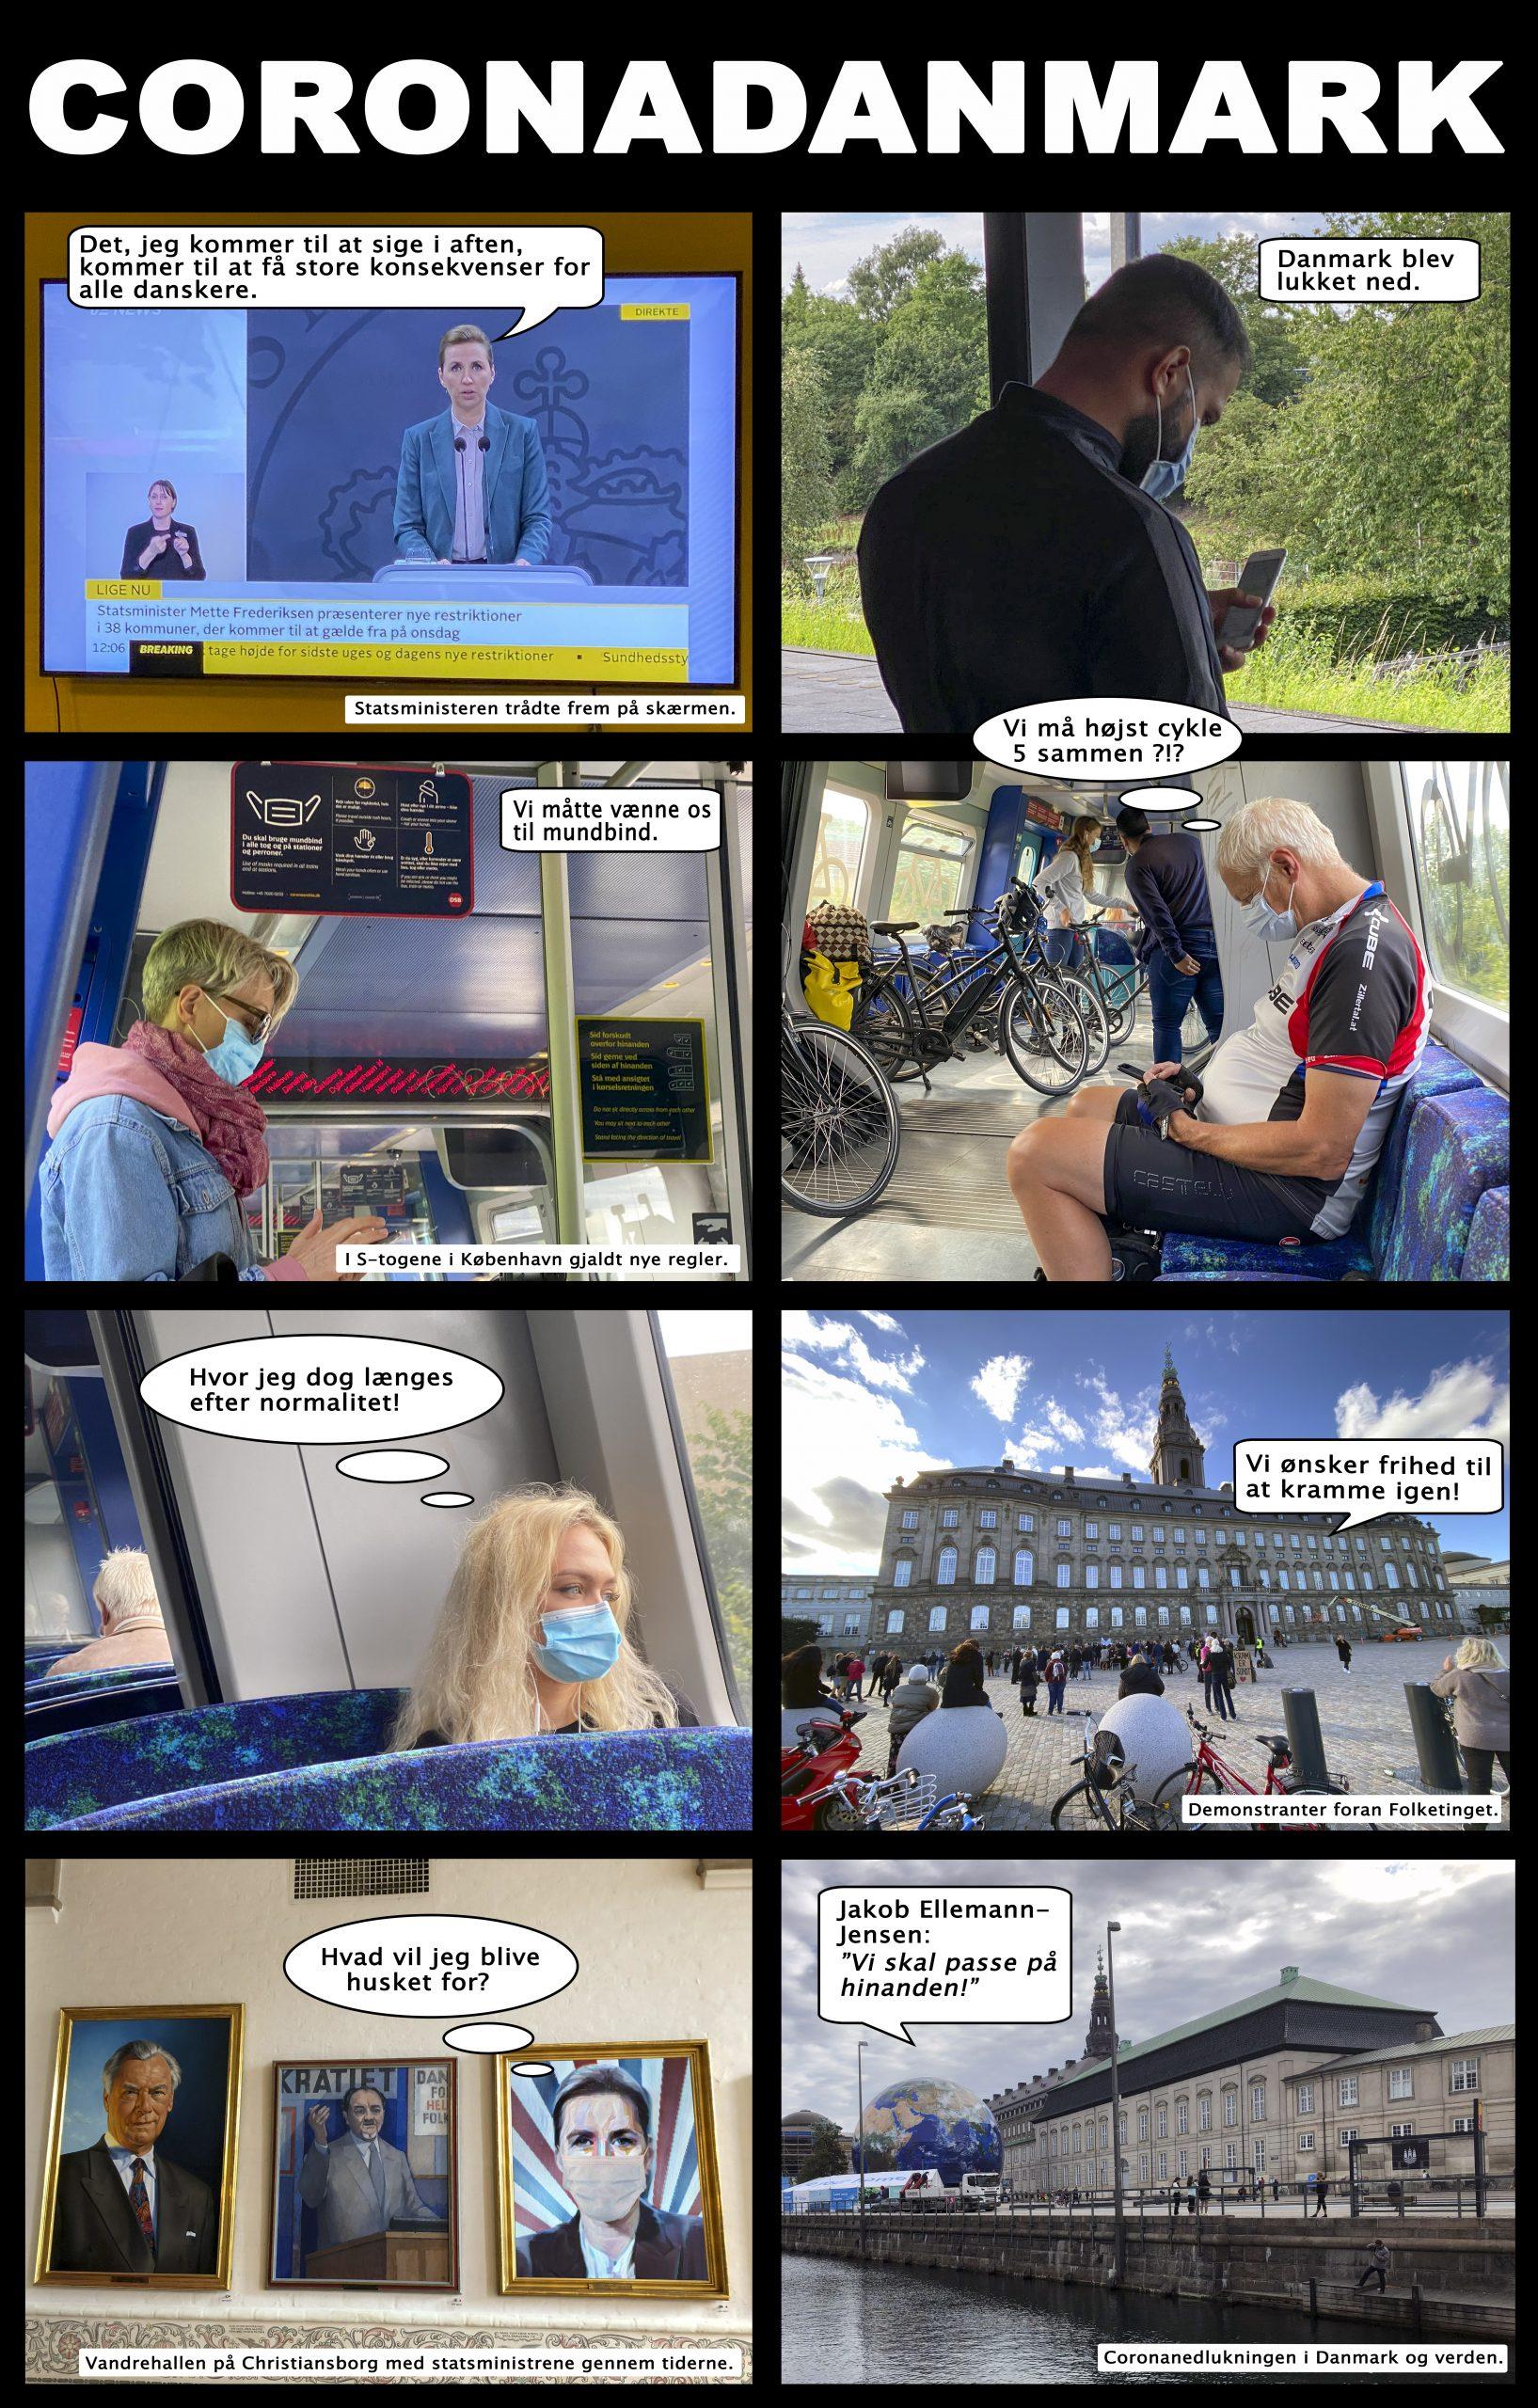 Fortællende fotoserie med bobletekster af Lars Laursen - lidt om coronatiden - set fra et samfundsmæssigt synspunkt. Kan forstørres.